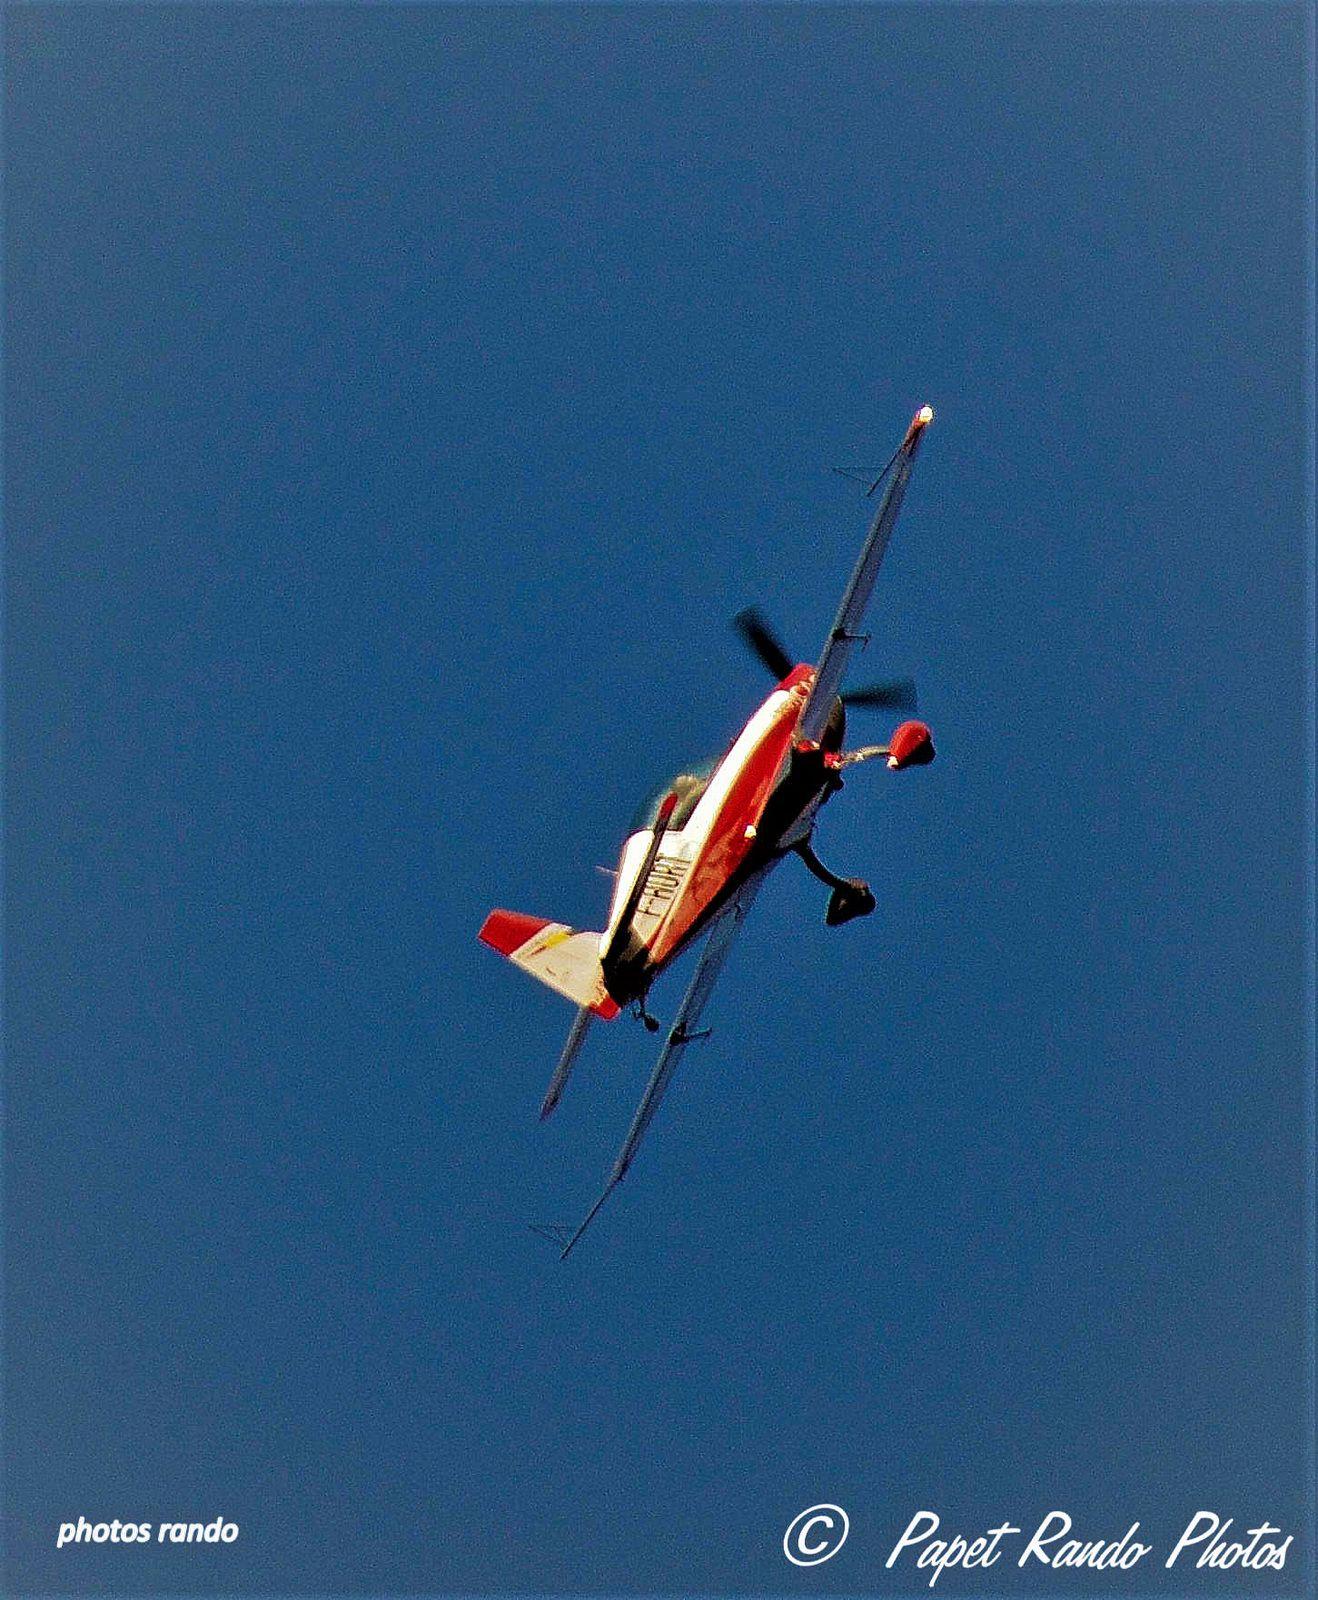 Toujours un beau spectacle notre Ami Acrobate du ciel, avec le Covid, moins souvent